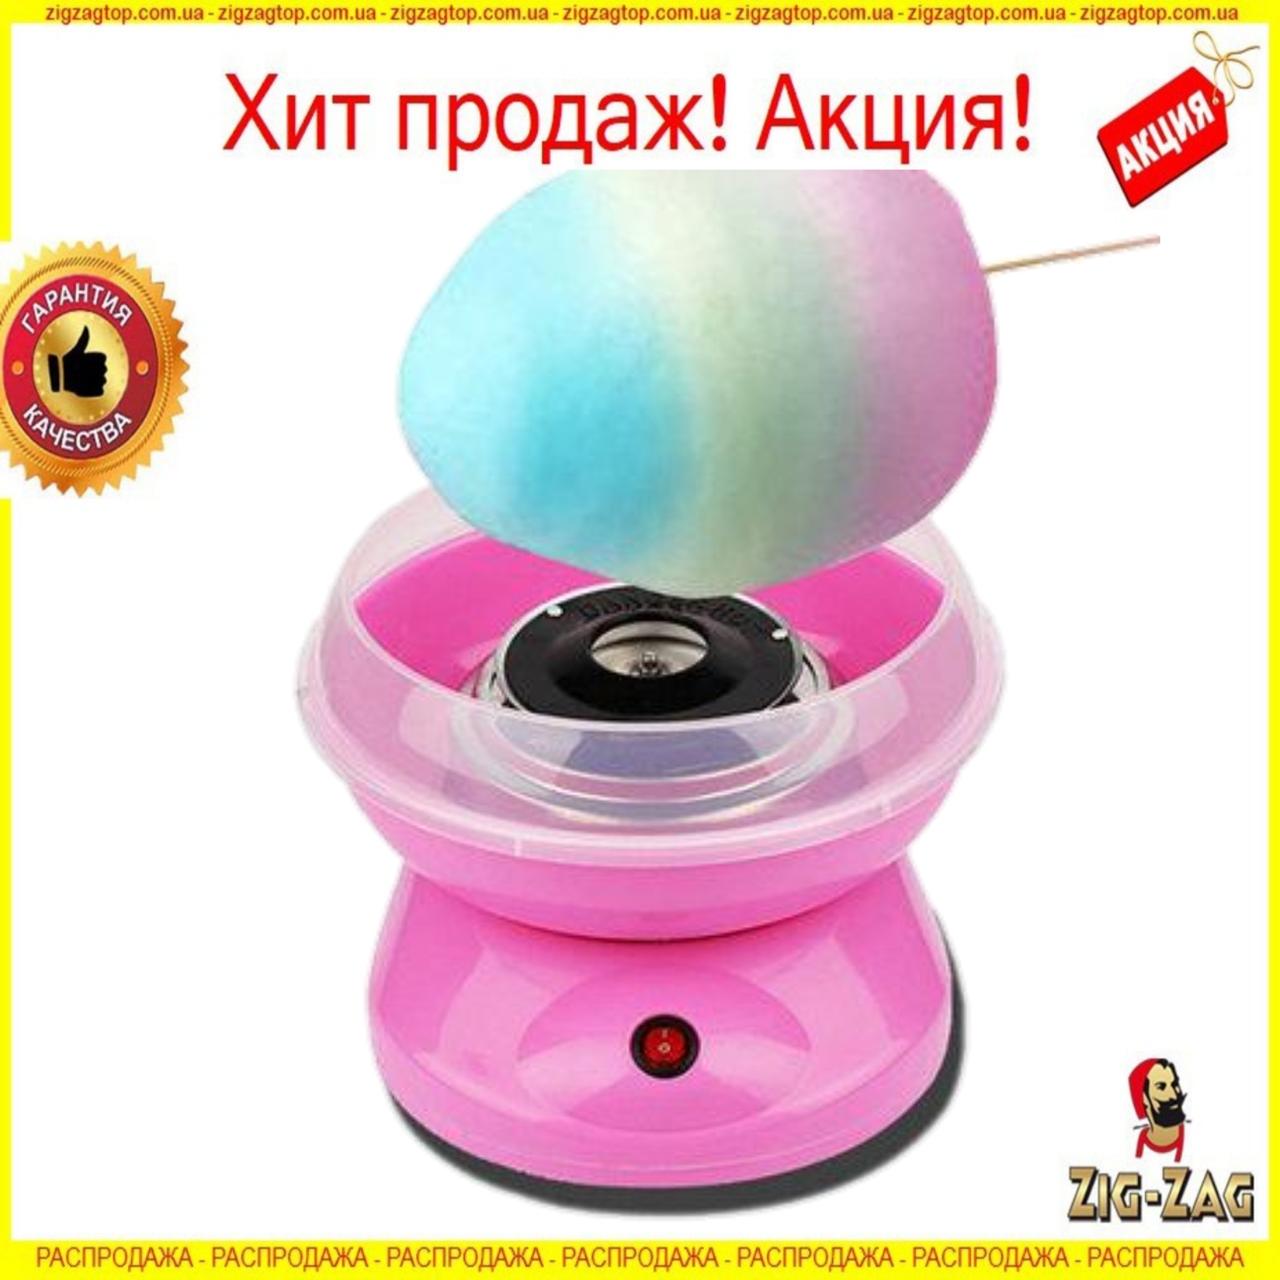 Аппарат для приготовления сладкой сахарной ваты Cotton Candy Maker дома своими руками, Сладкая вата ТОП ПРОДАЖ